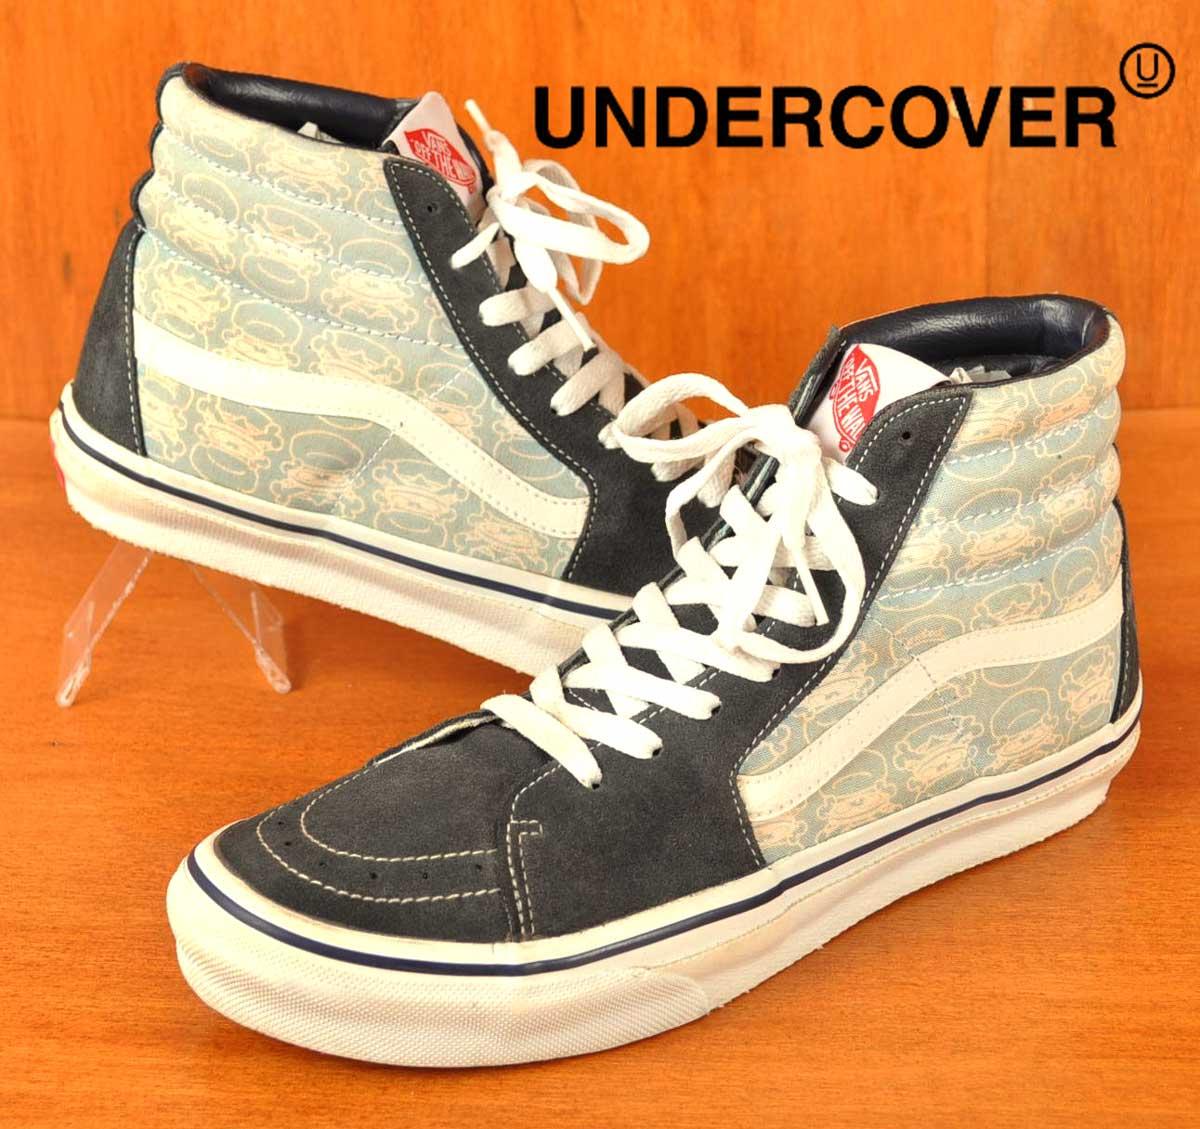 9687a69da3 VANS×undercover vans x undercover   SK8-HI skating high HI-TOP high top    Navy x blue Burger pattern   JPN28.0cm